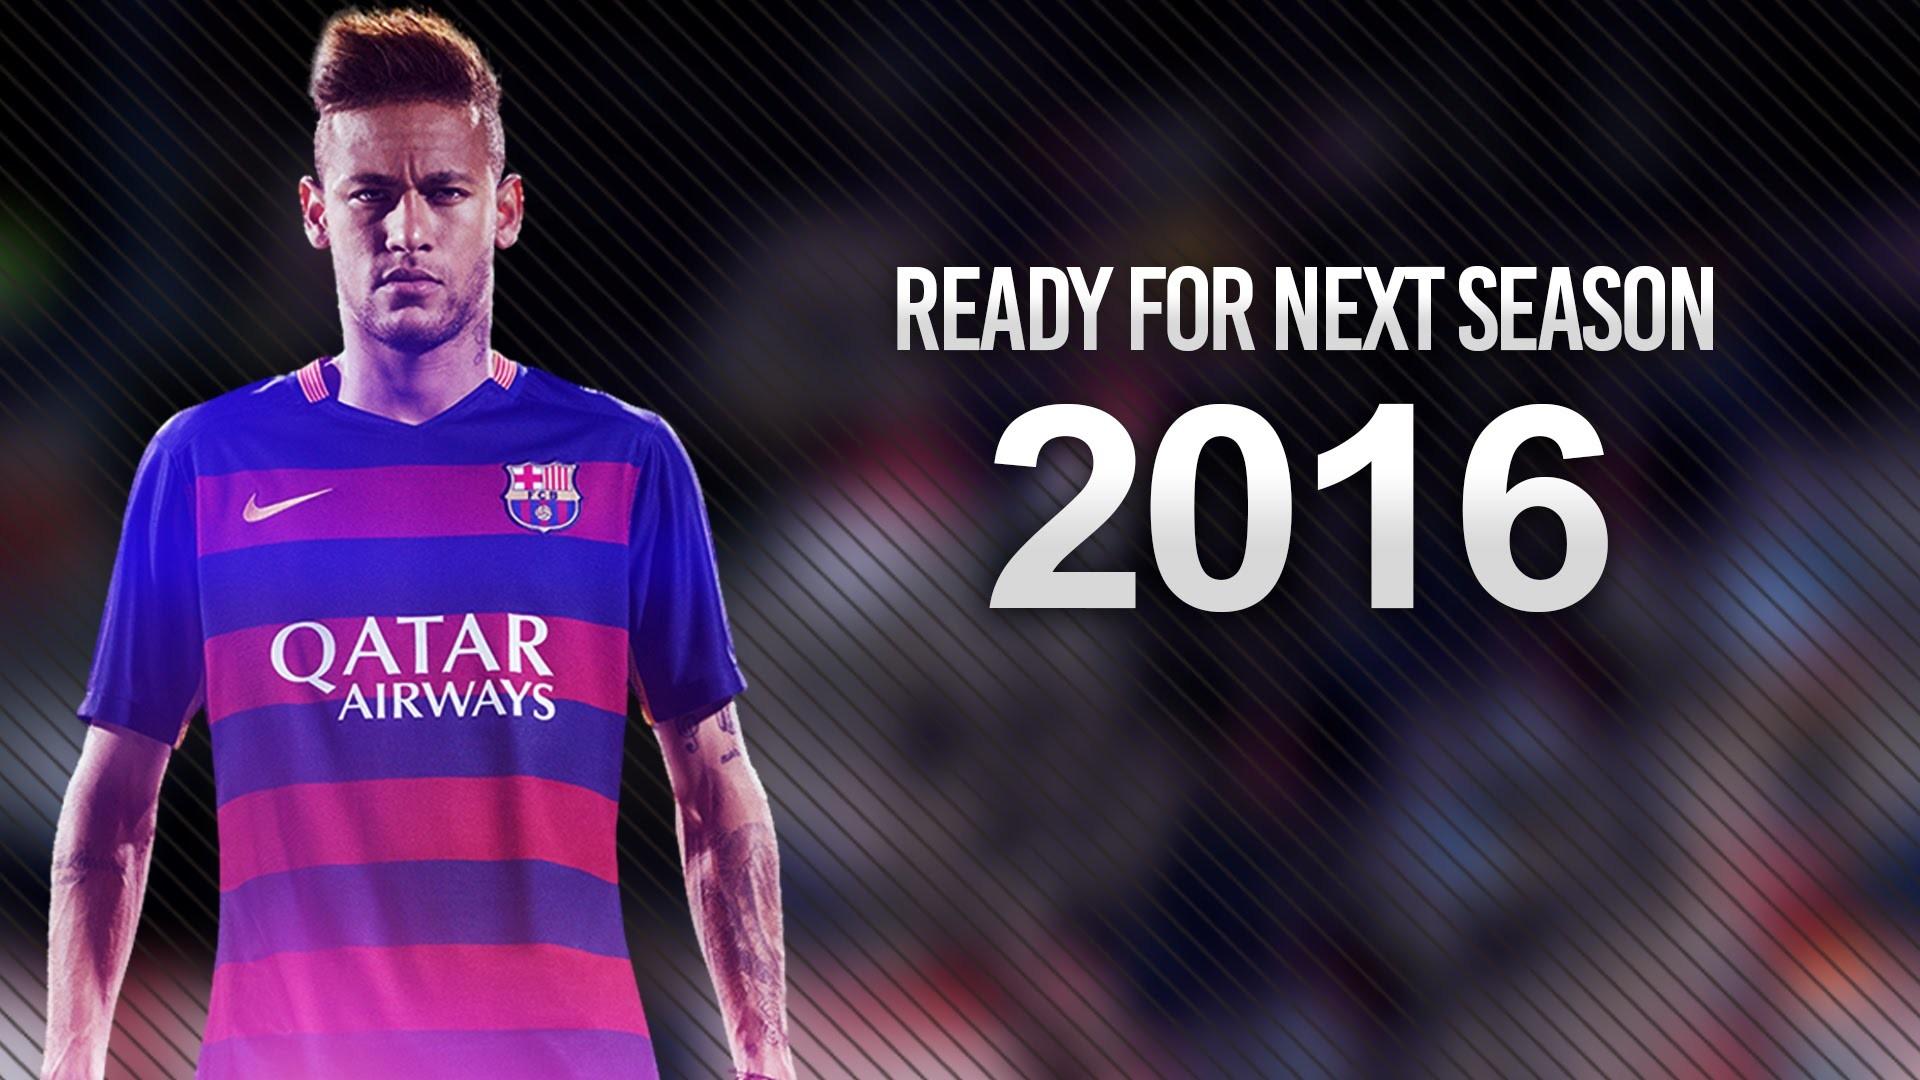 Neymar 2016 Wallpaper HD: Find best latest Neymar 2016 Wallpaper HD in HD  for your